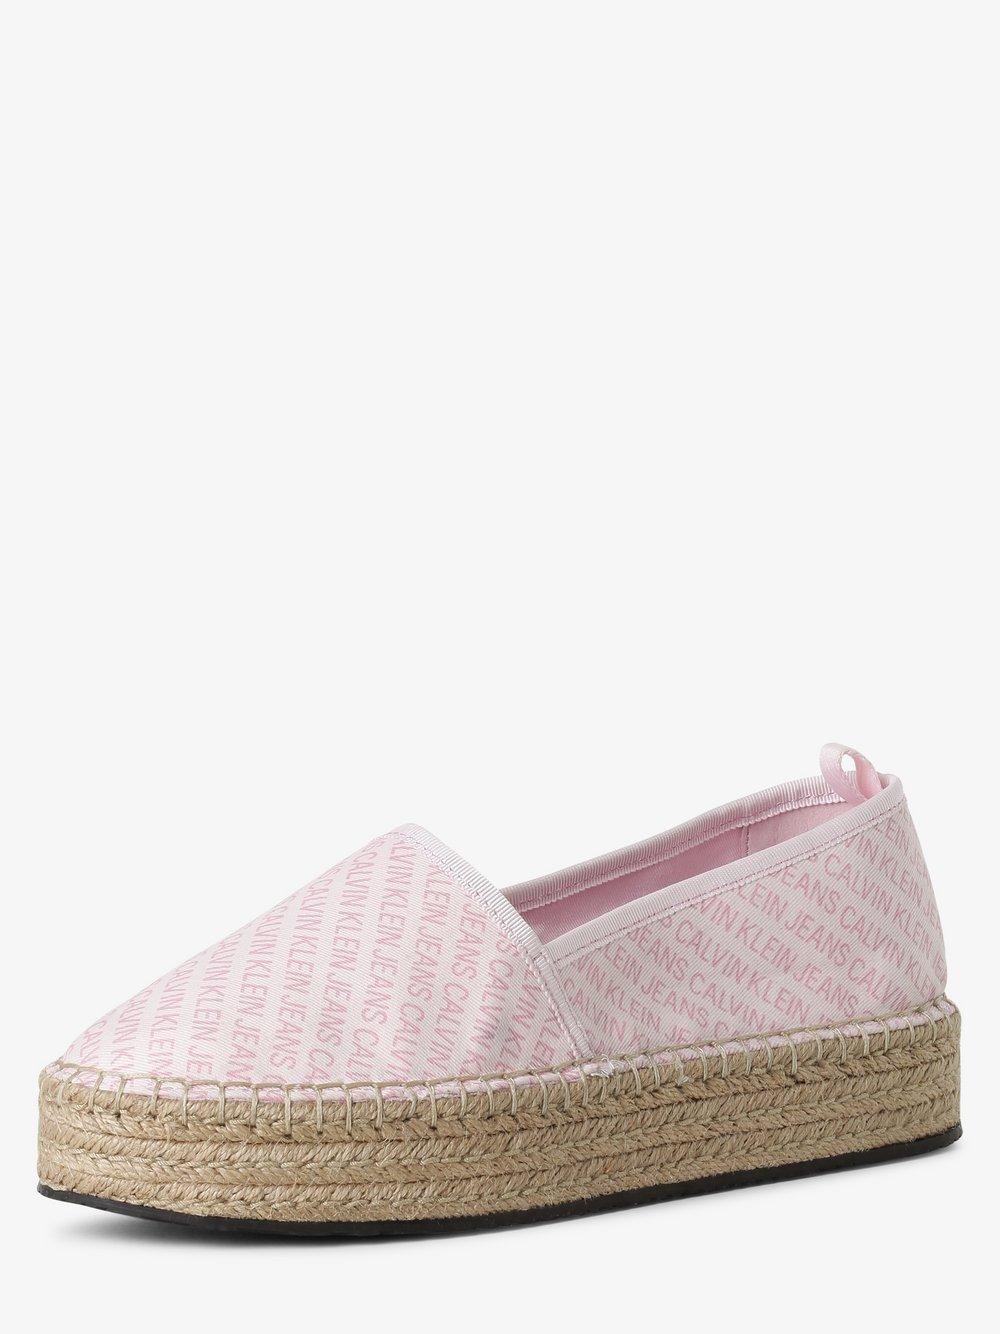 Calvin Klein Jeans - Espadryle damskie, różowy